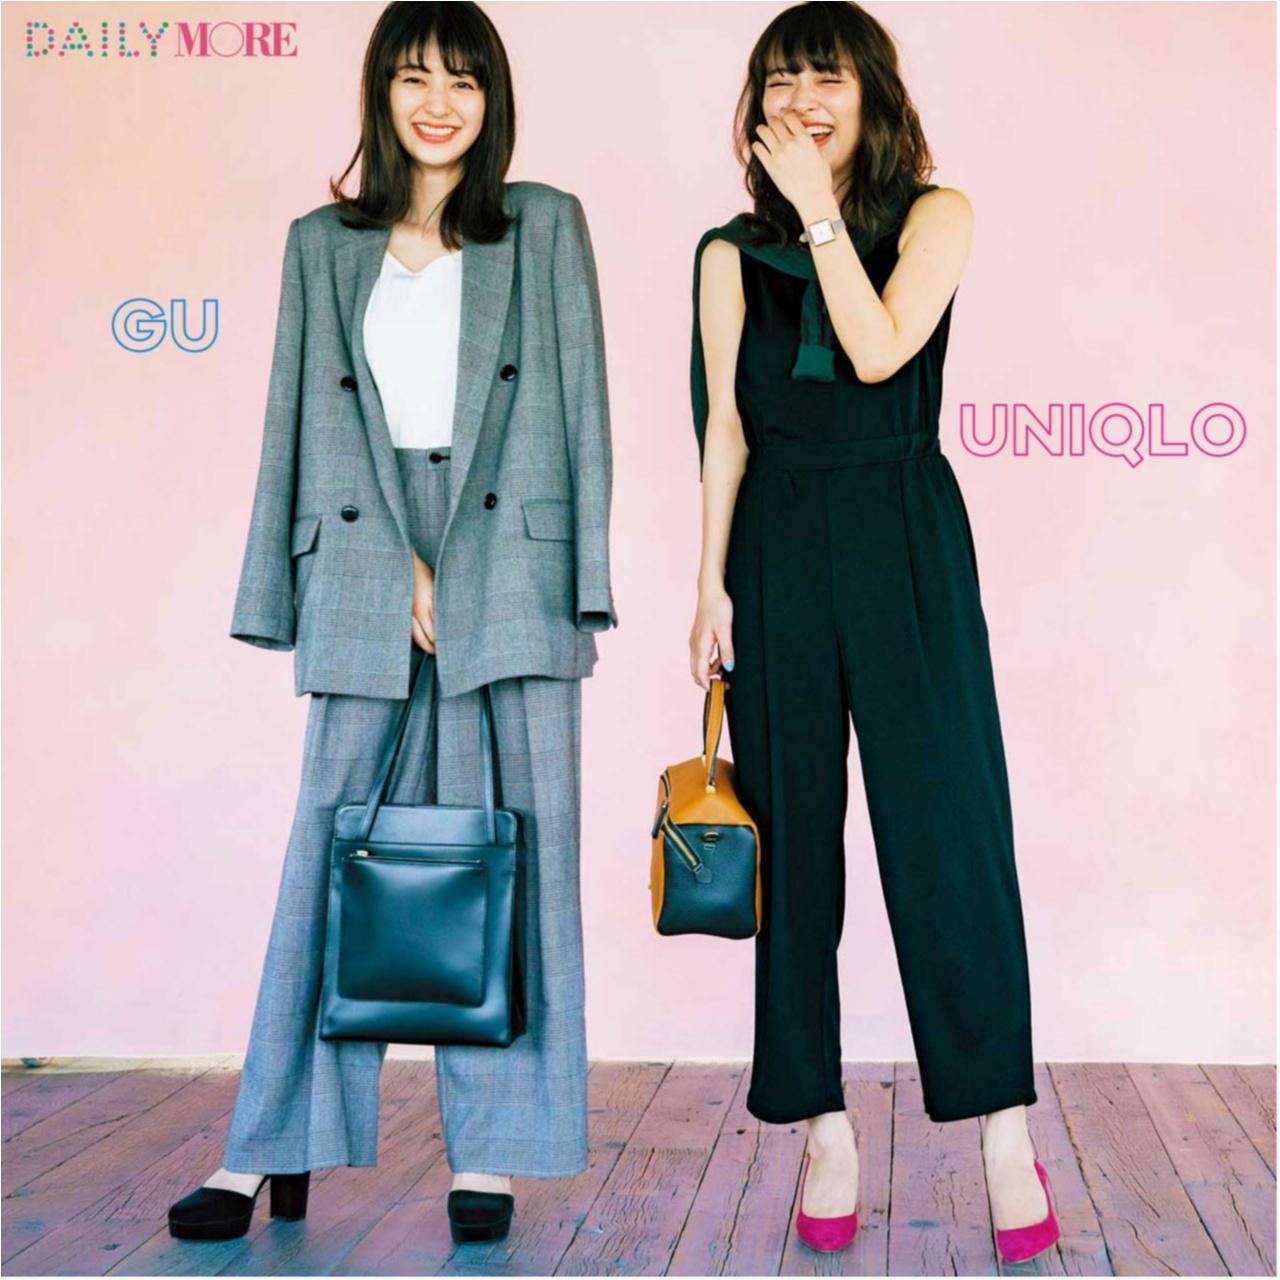 秋ファッションは『ユニクロ』『GU』がトップ3を独占☆ 今週のファッション人気ランキングトップ3!_1_1